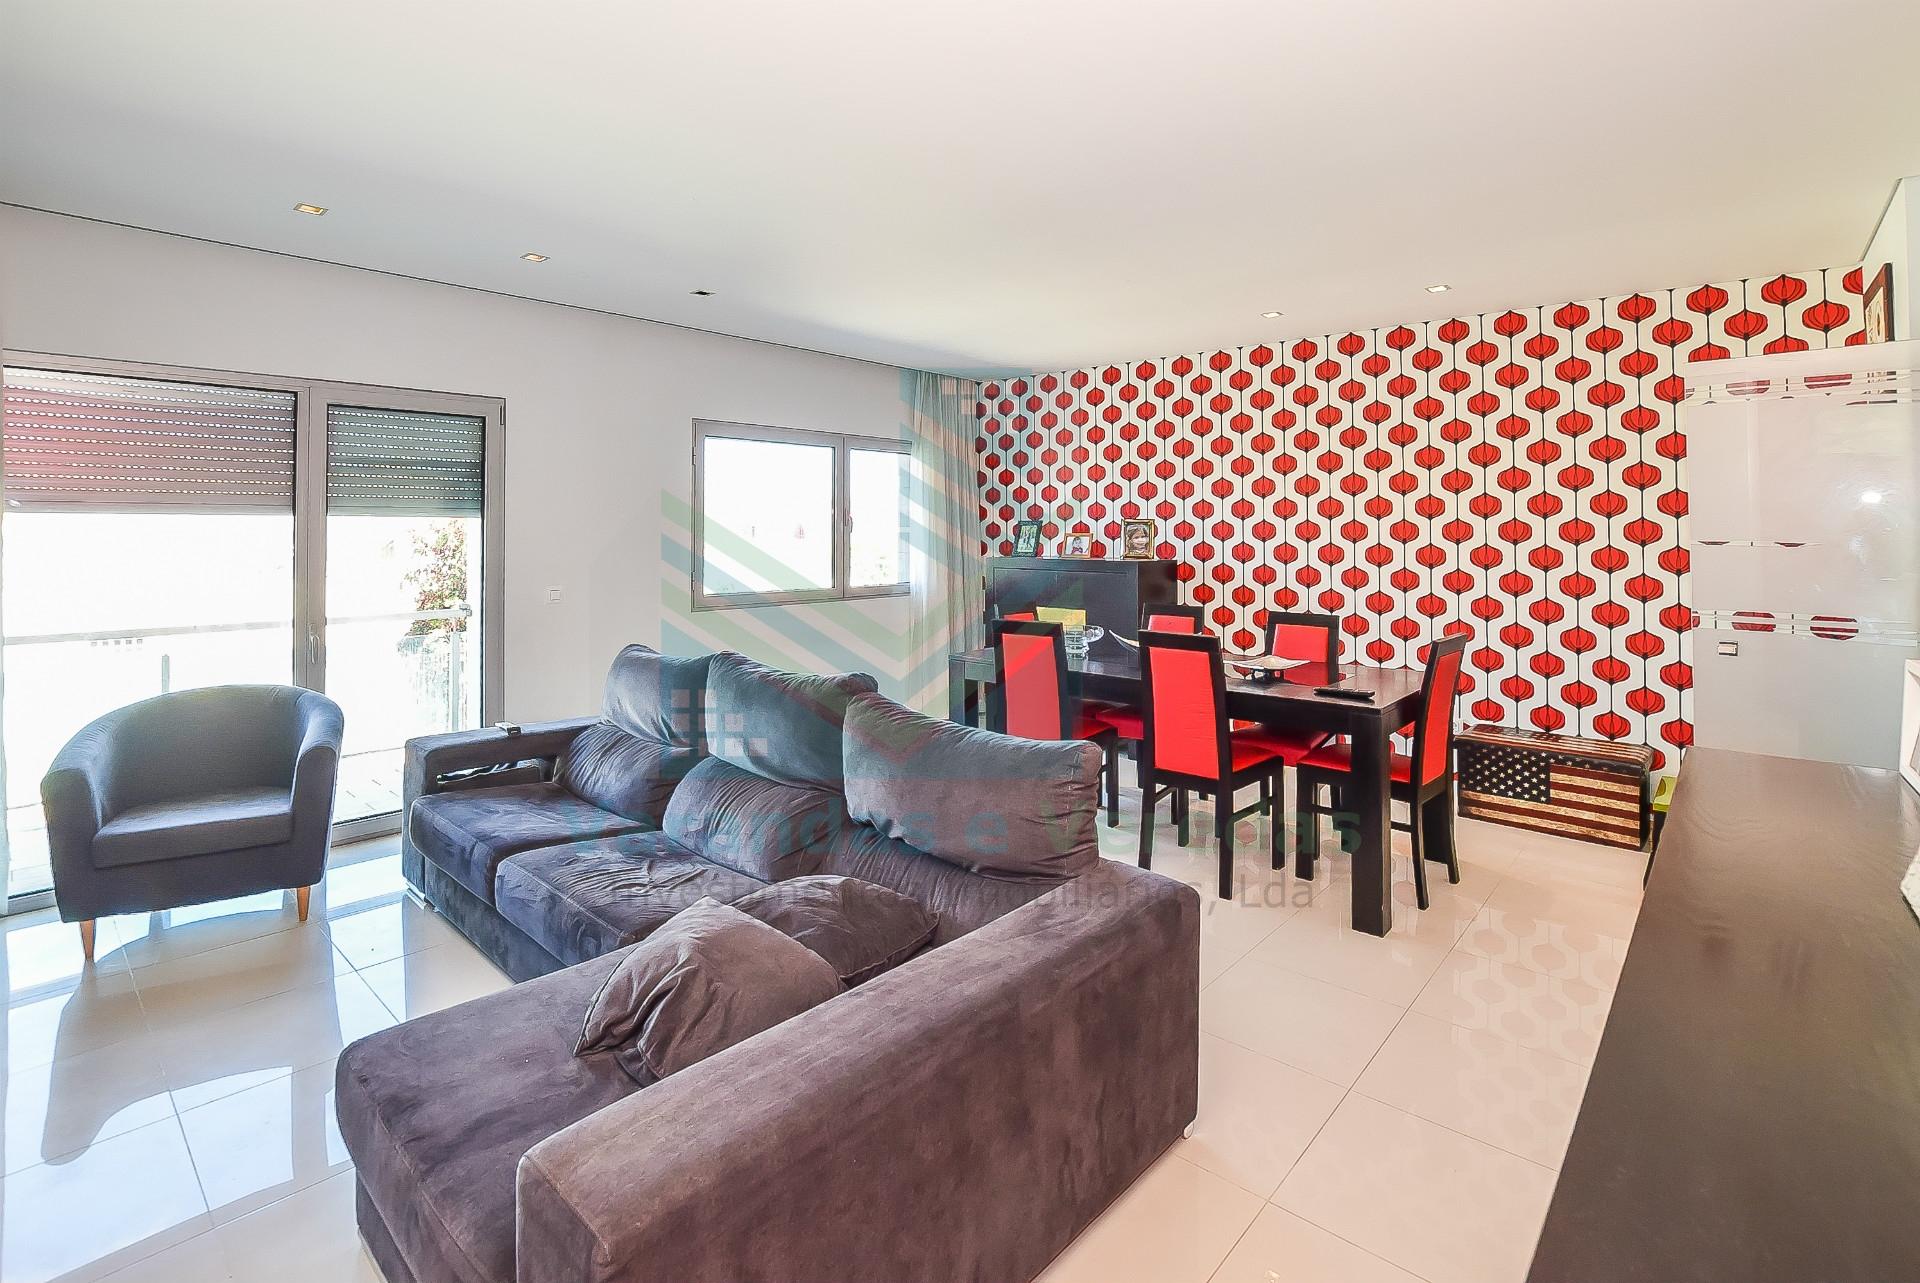 T3 Apartment, São João Baptista, Entroncamento,